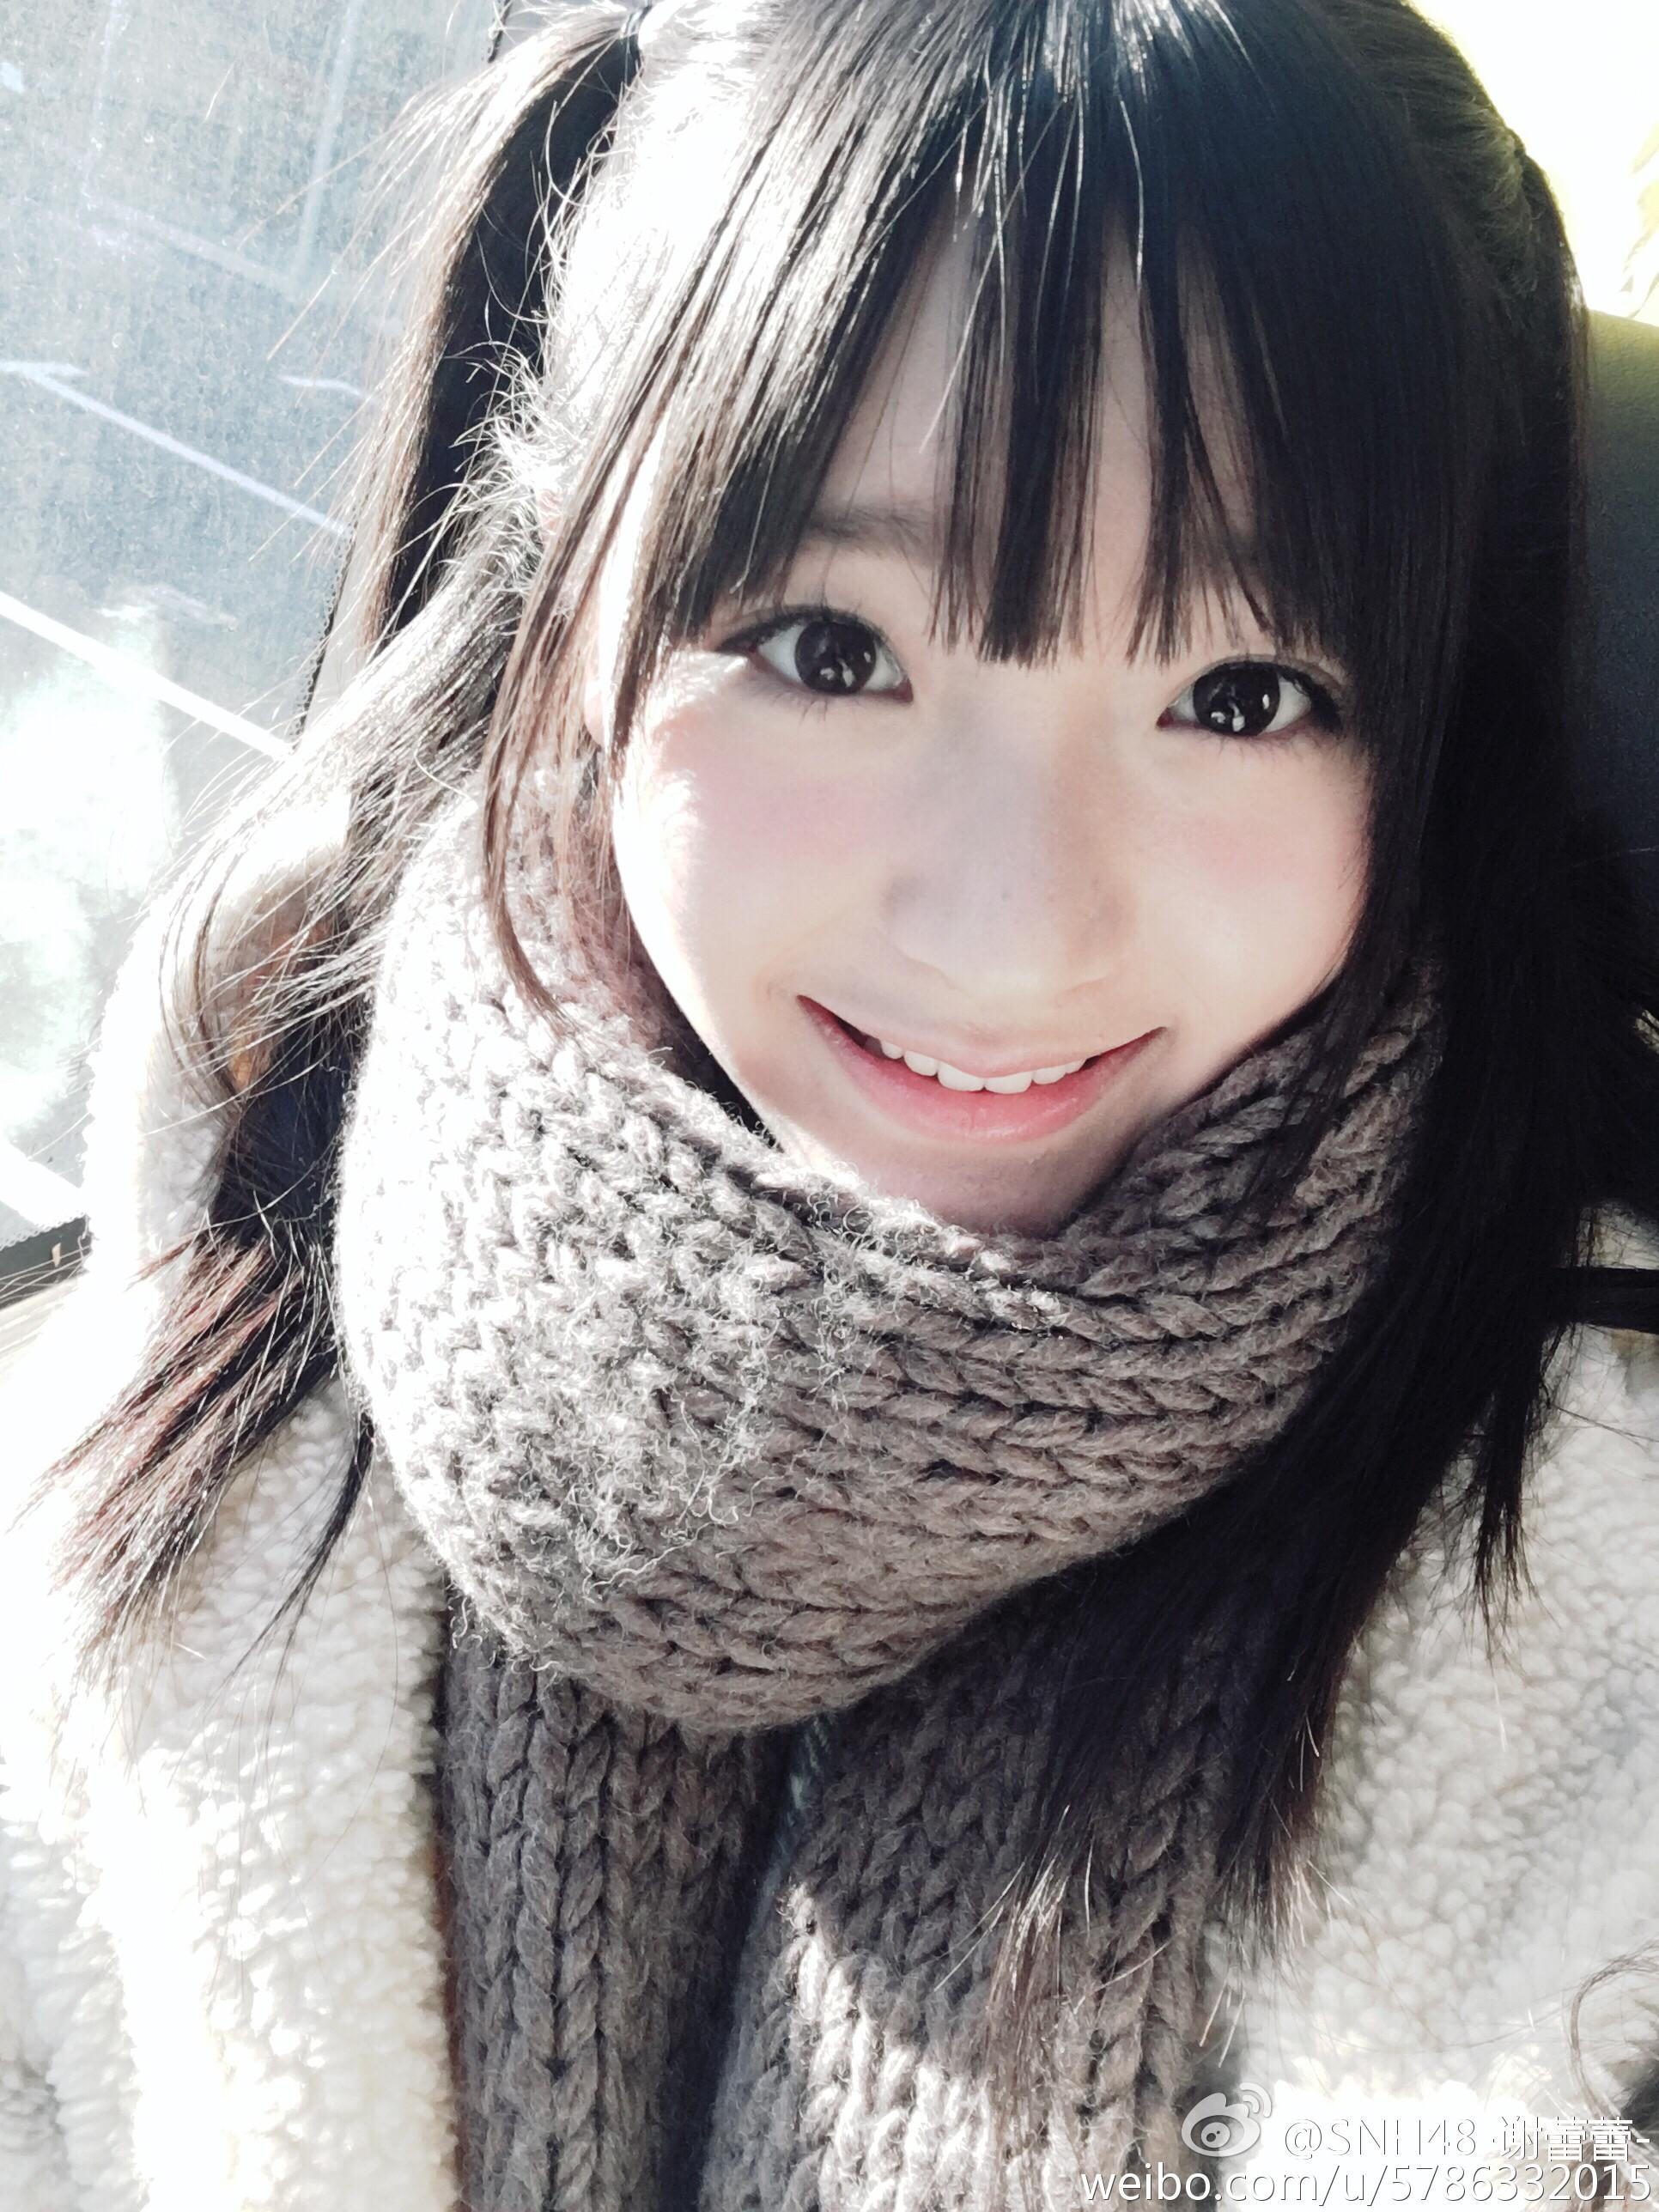 中国四千年の次は何万年??SNH48チームXII謝蕾蕾(レイレイ)の可愛すぎる画像まとめ70枚